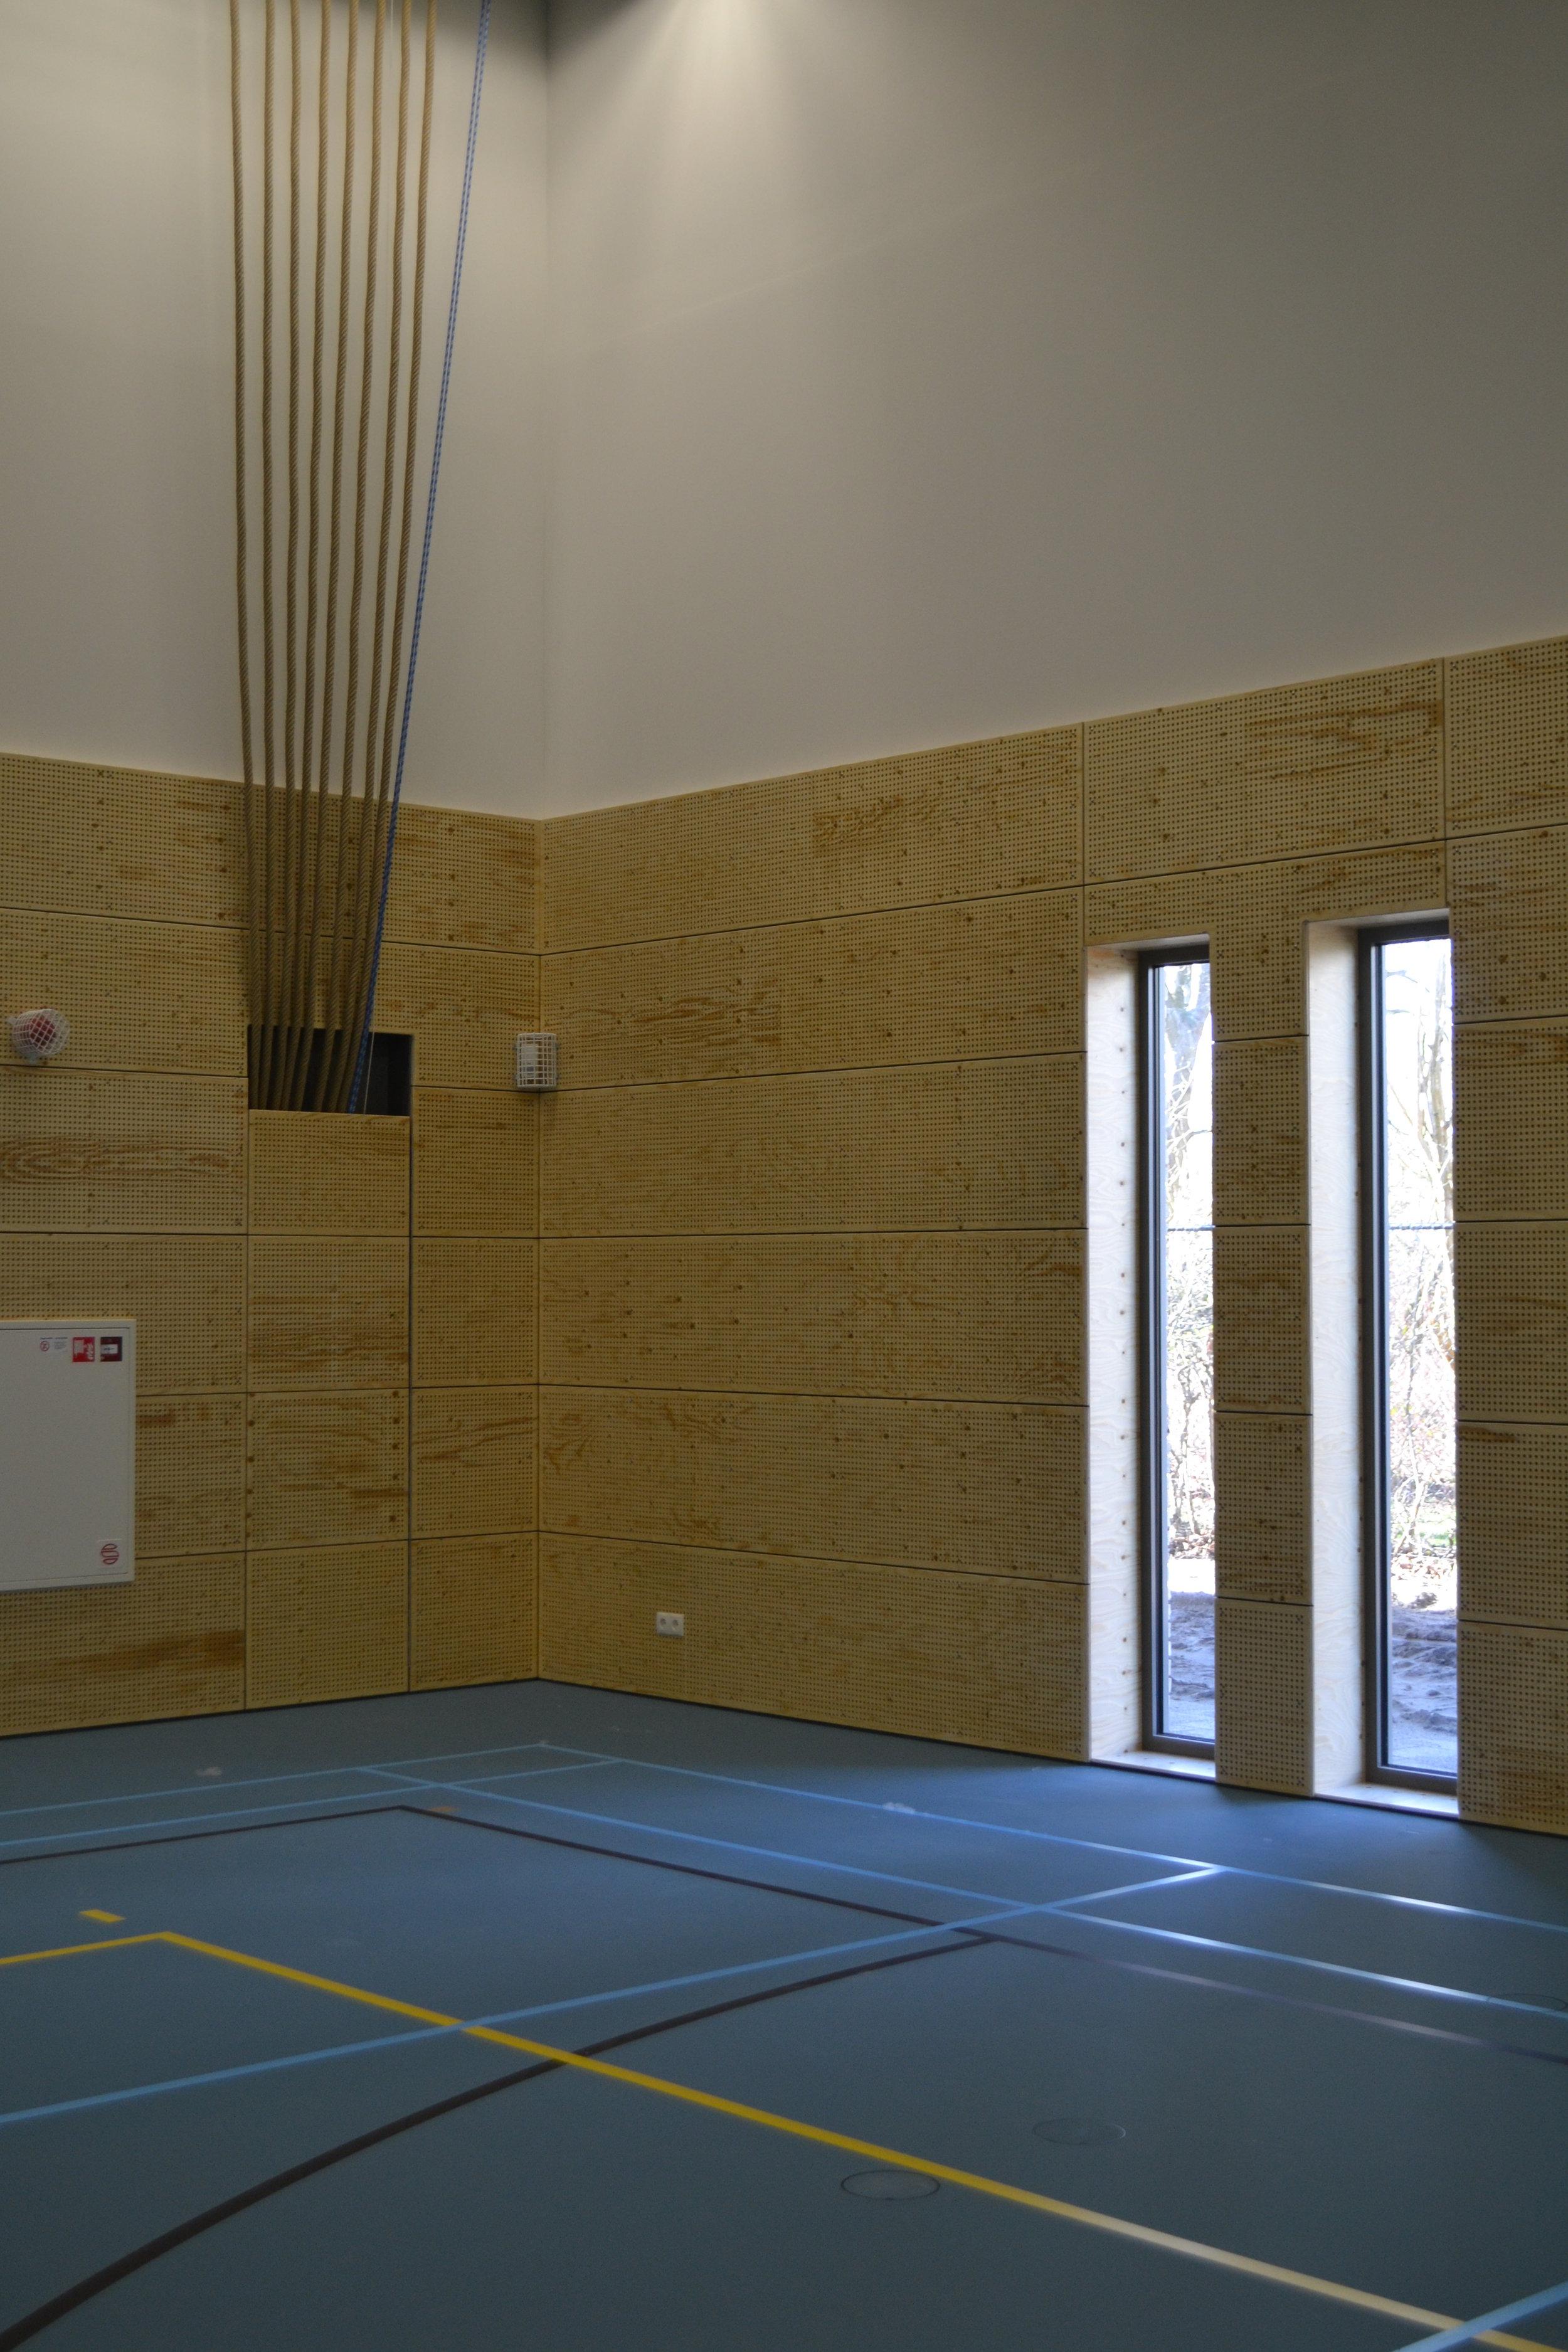 Akoestische panelen - Wij perforeren panelen voor akoestische toepassingen in gym- en sportzalen, zwembaden, kantoren, openbare gebouwen, enz.De panelen worden in wanden en plafonds geplaatst. De panelen worden gemonteerd op een regelwerk met akoestische wol.Indien gewenst leveren wij de panelen afgelakt en aan de achterzijde voorzien van een vlamvertragend firetdoek.Speciale perforatiepatronen behoren tot de mogelijkheden.